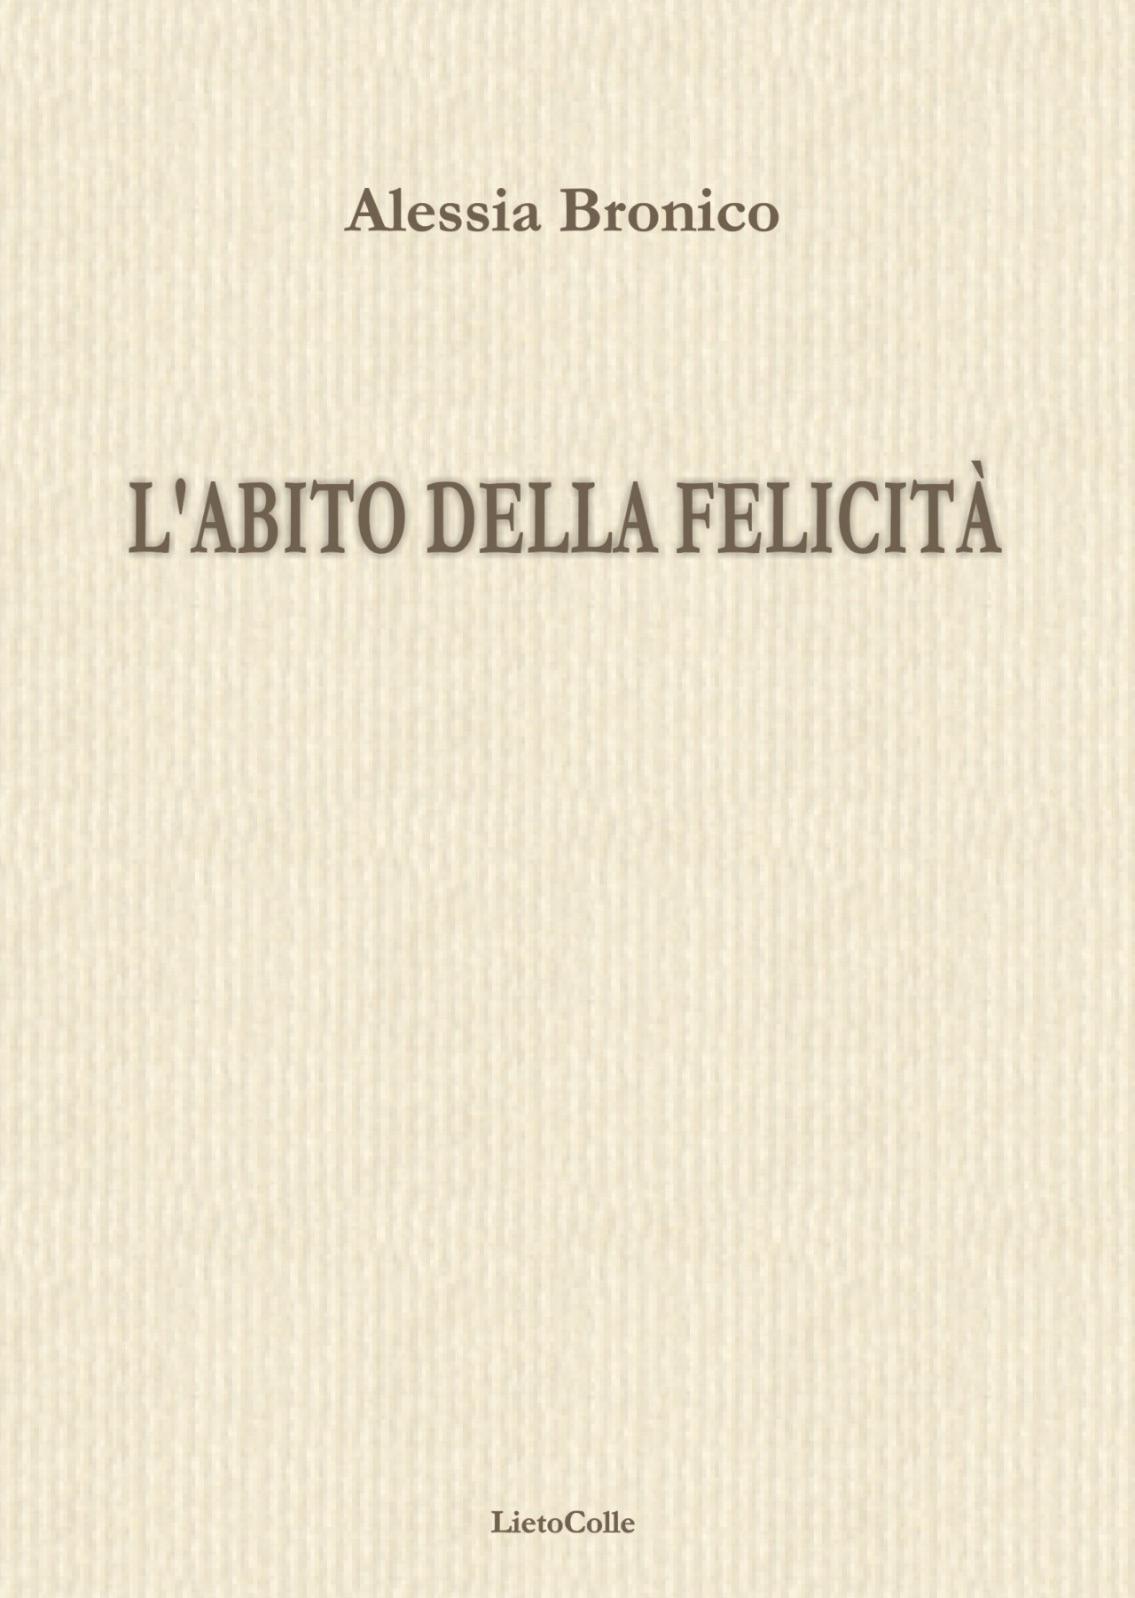 Alessia Bronico - L'abito della felicità - LietoColle editore - L'angolo della poesia